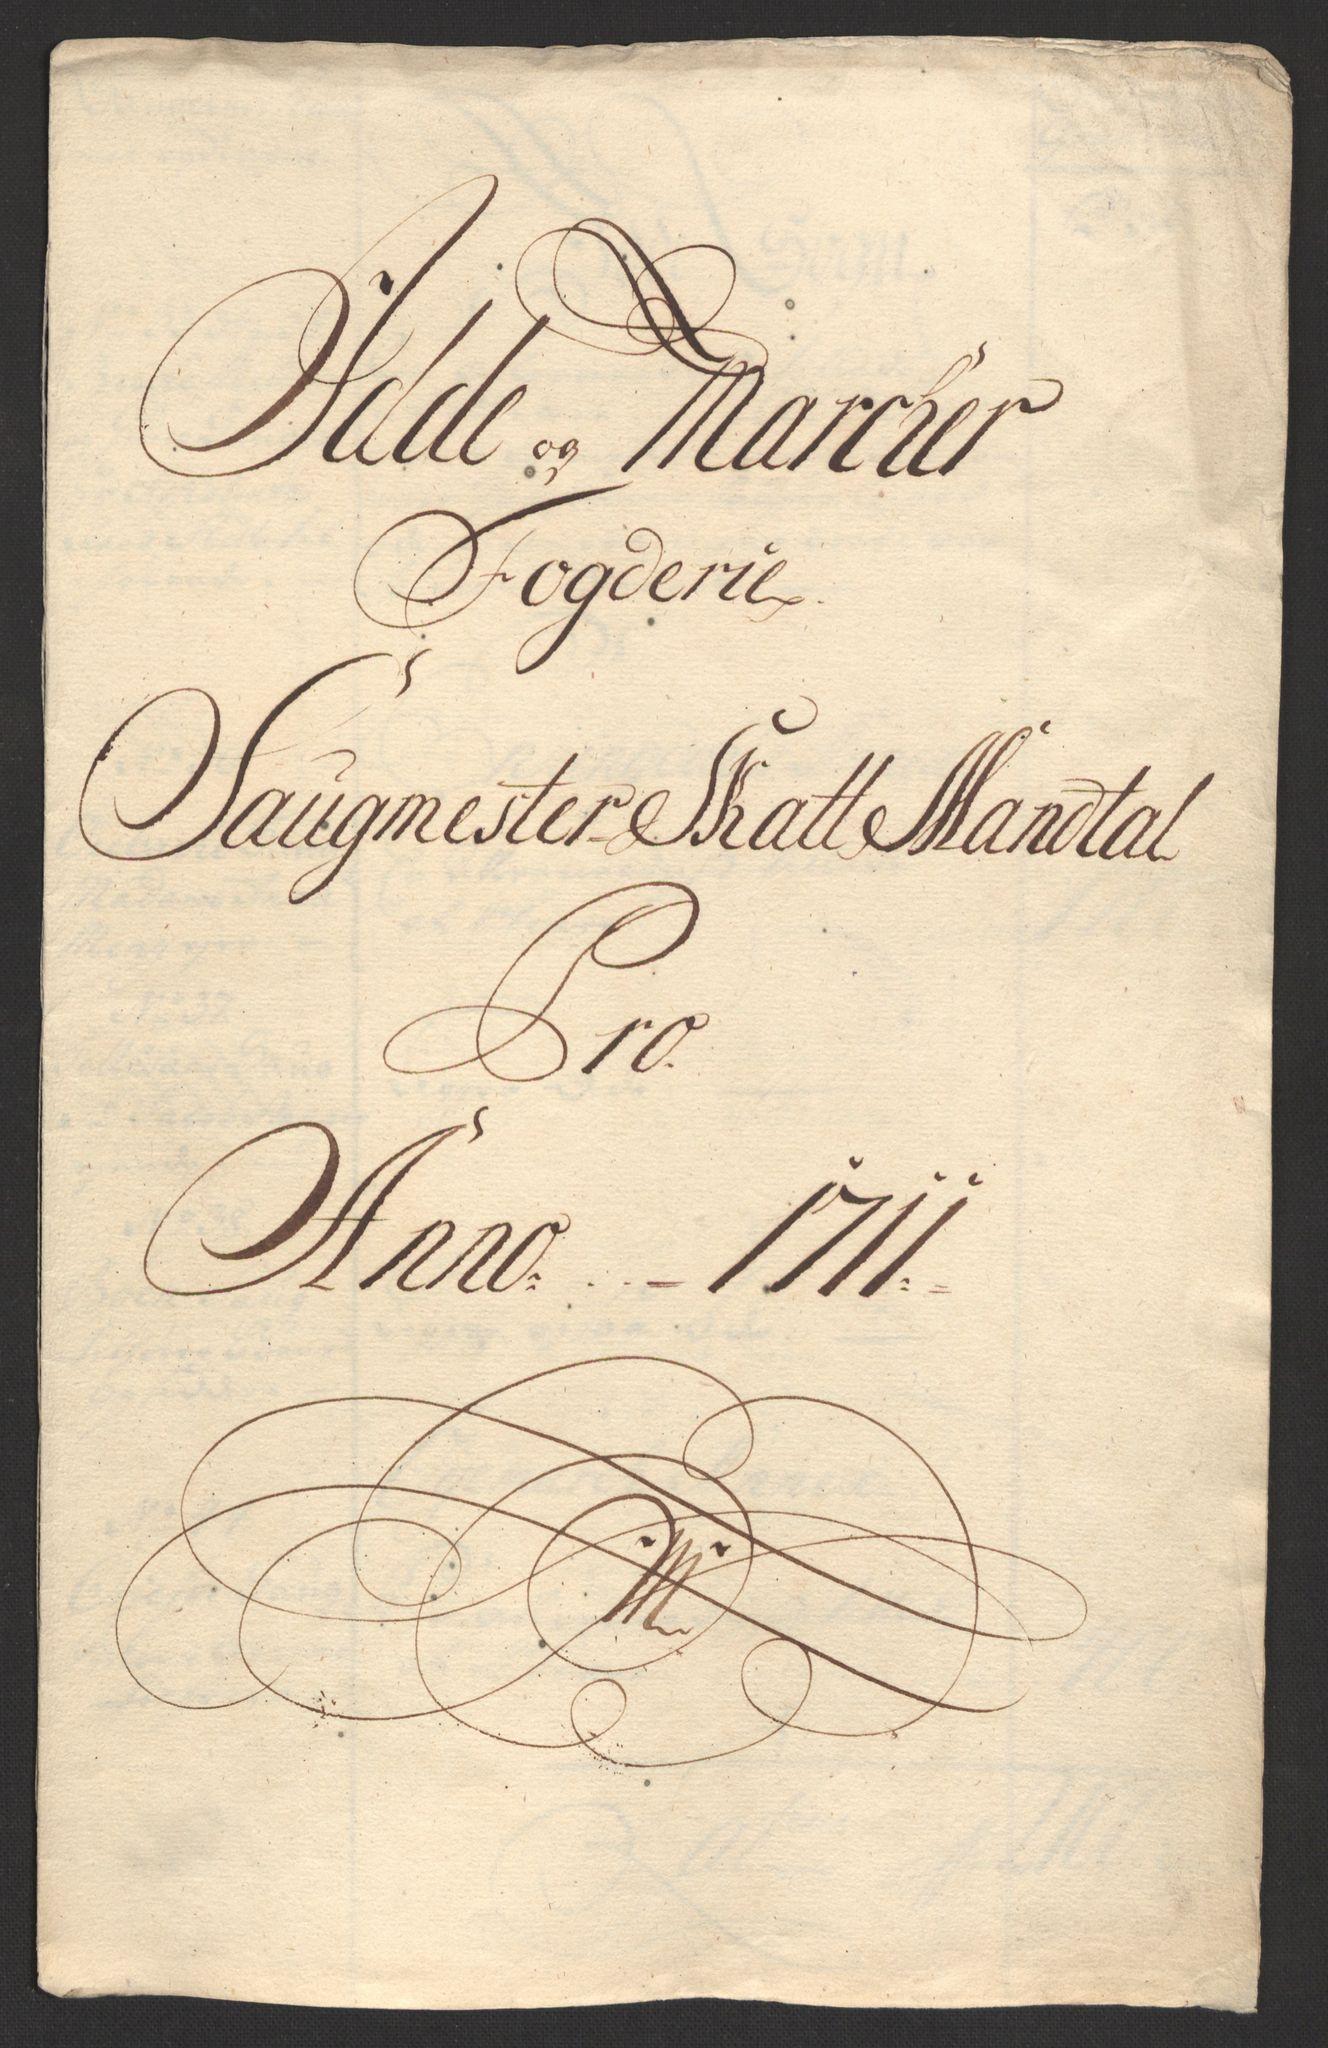 RA, Rentekammeret inntil 1814, Reviderte regnskaper, Fogderegnskap, R01/L0020: Fogderegnskap Idd og Marker, 1711, s. 87